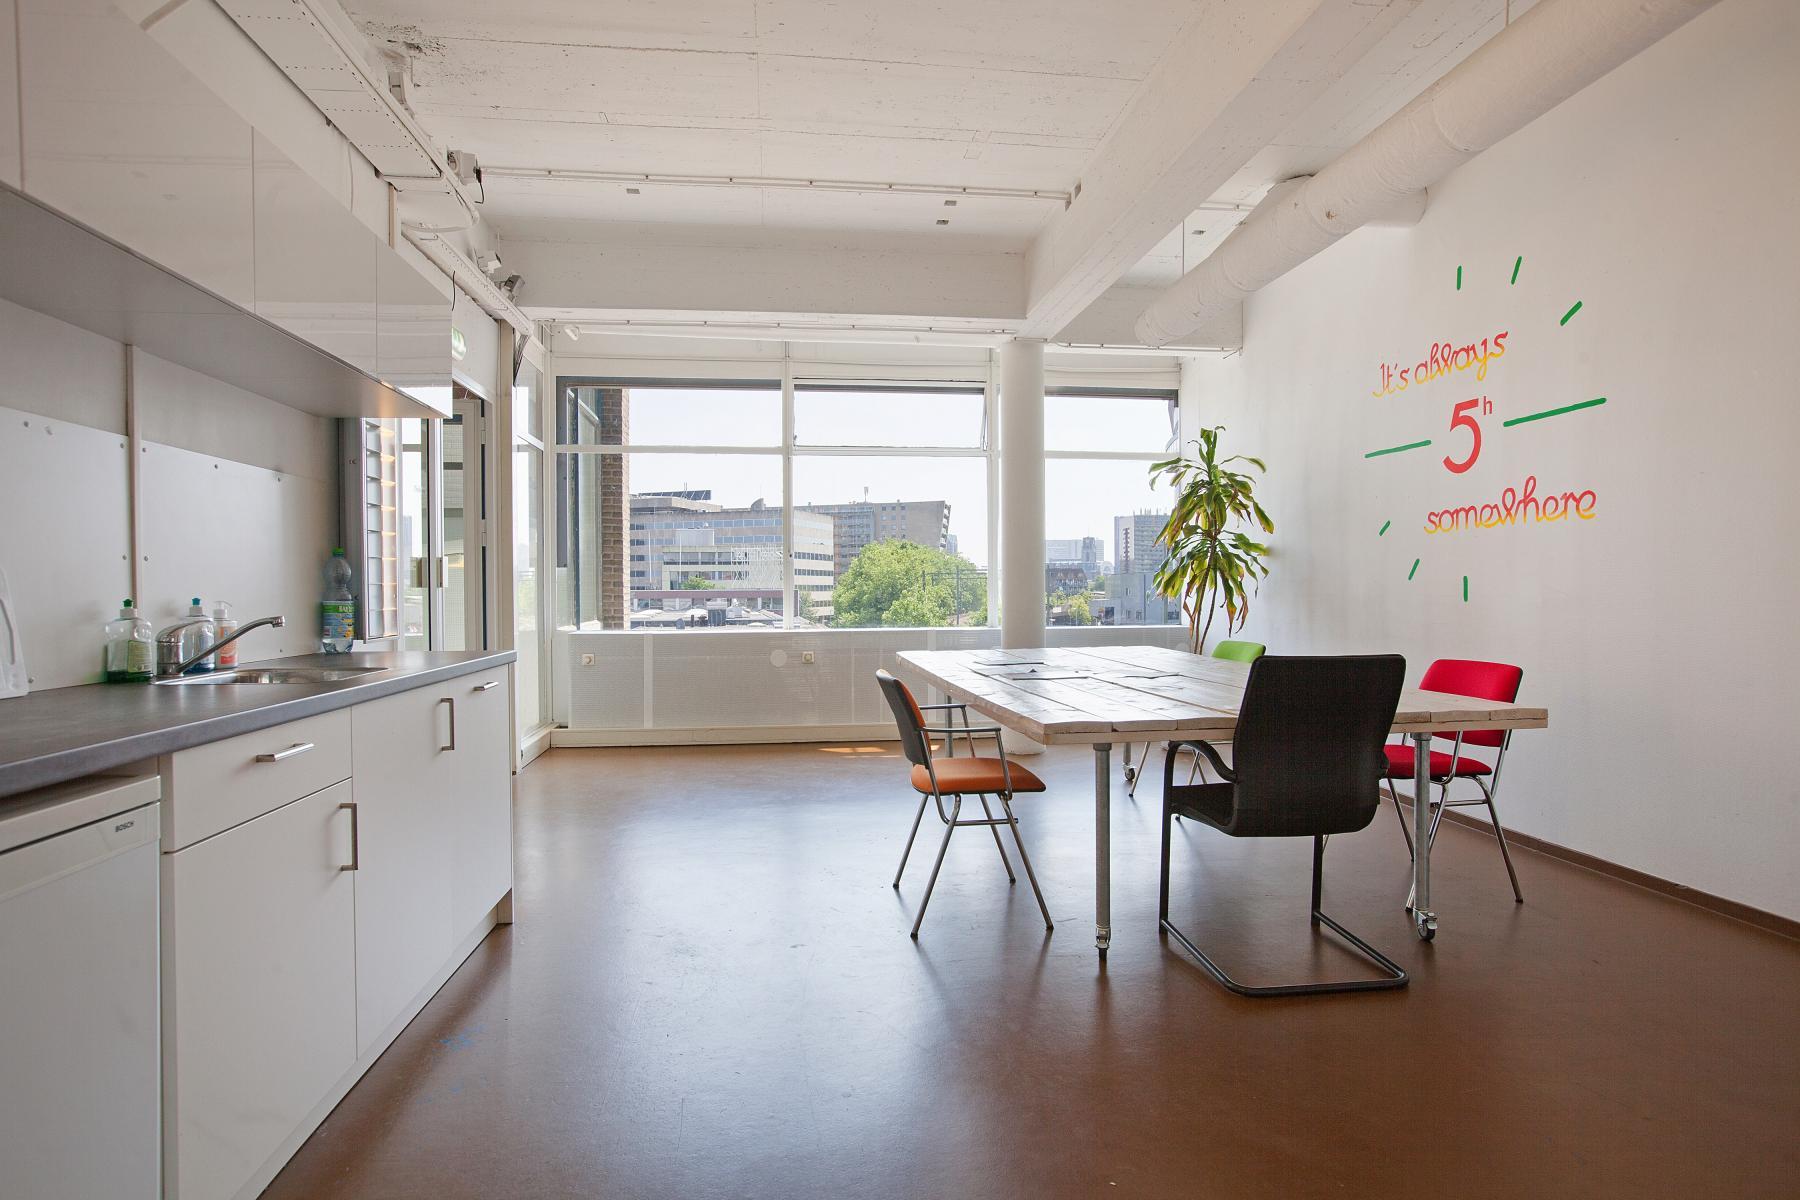 kantoorruimte huren aan vijverhofstraat in rotterdam met keuken